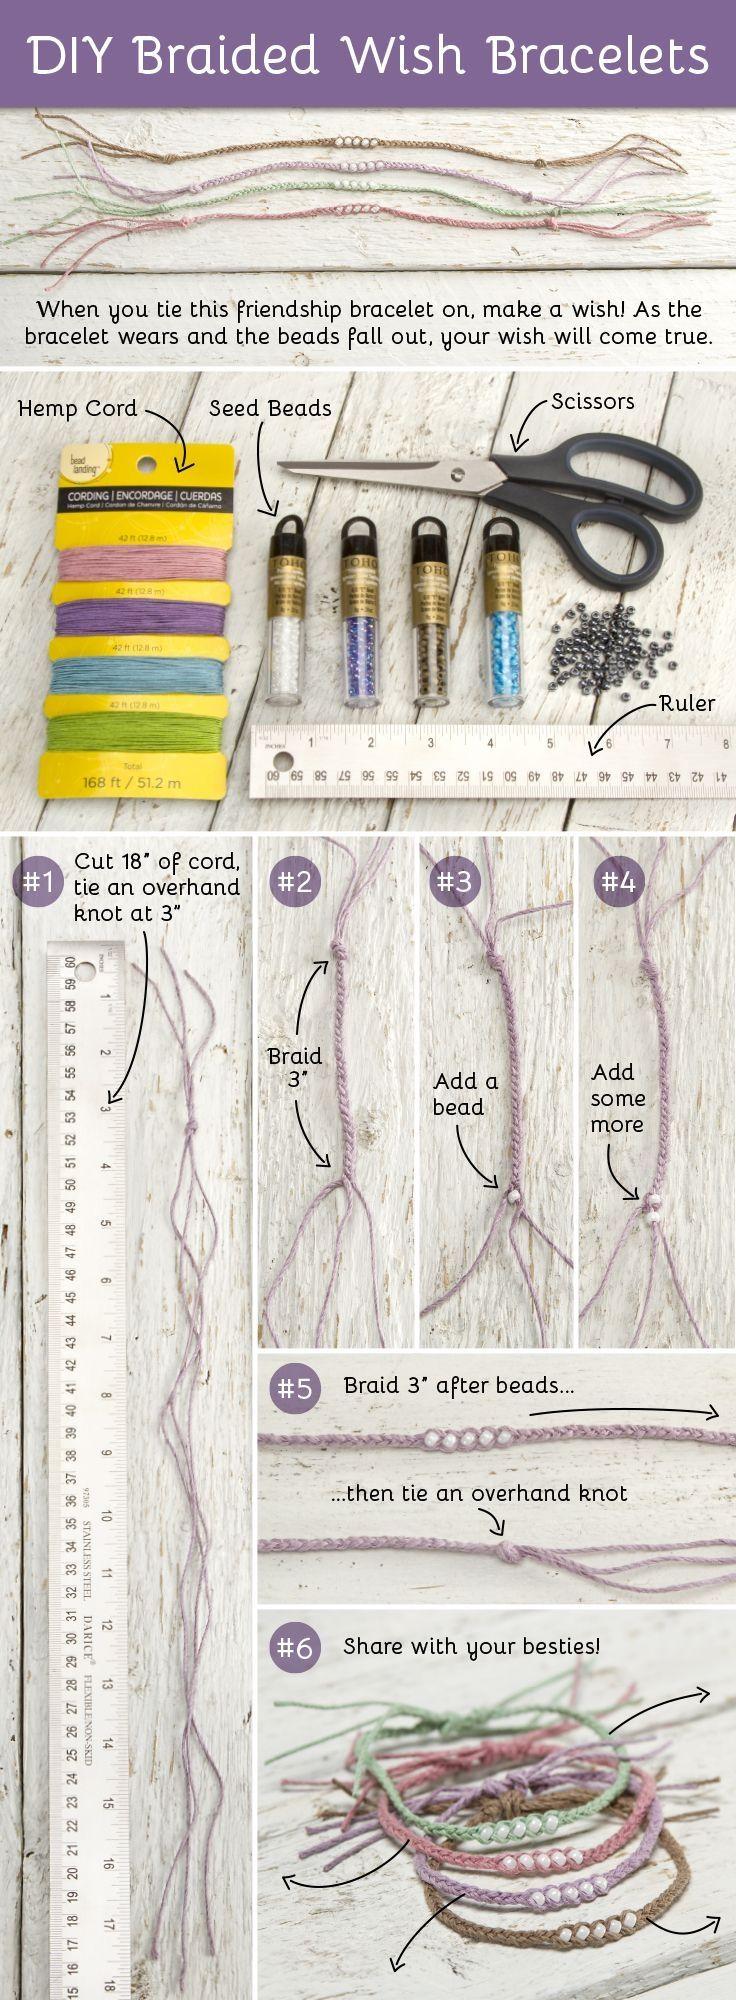 meilleure vente remise spéciale Nouvelle liste DIY Braided Wish Bracelets Pictures, Photos, and Images for ...